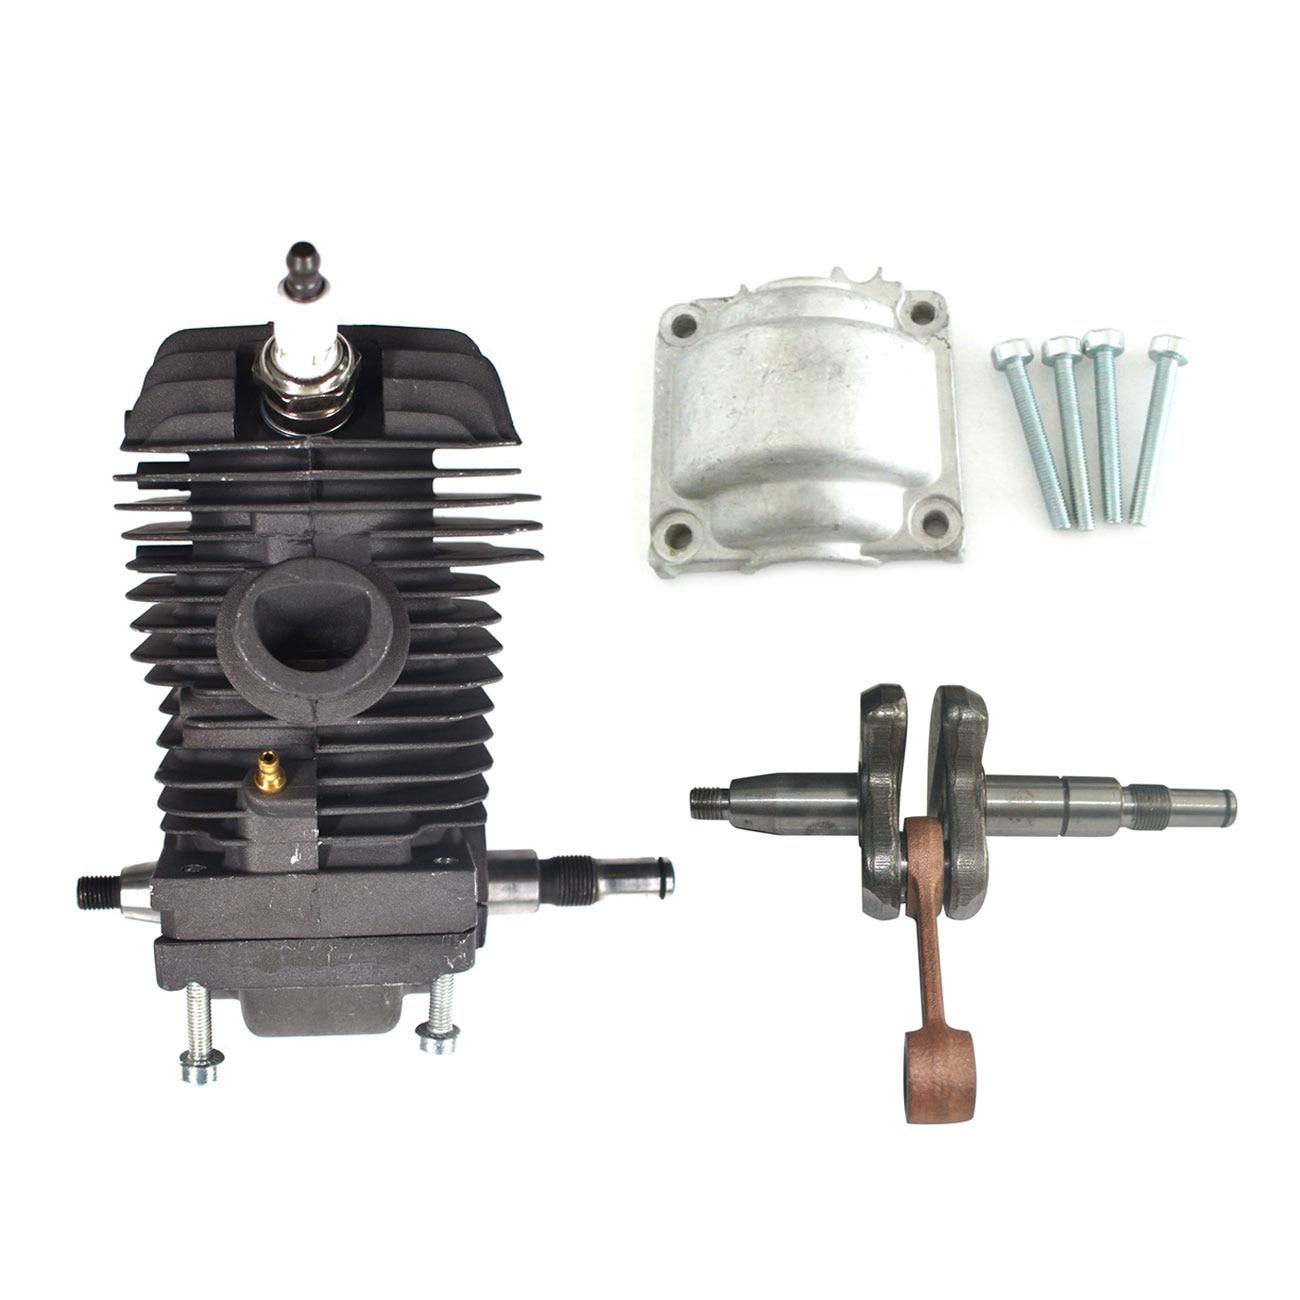 Cylinder Crankshaft & Crankshaft Spark Plug Fits STIHL 025 MS230 MS250 Chainsaw все цены